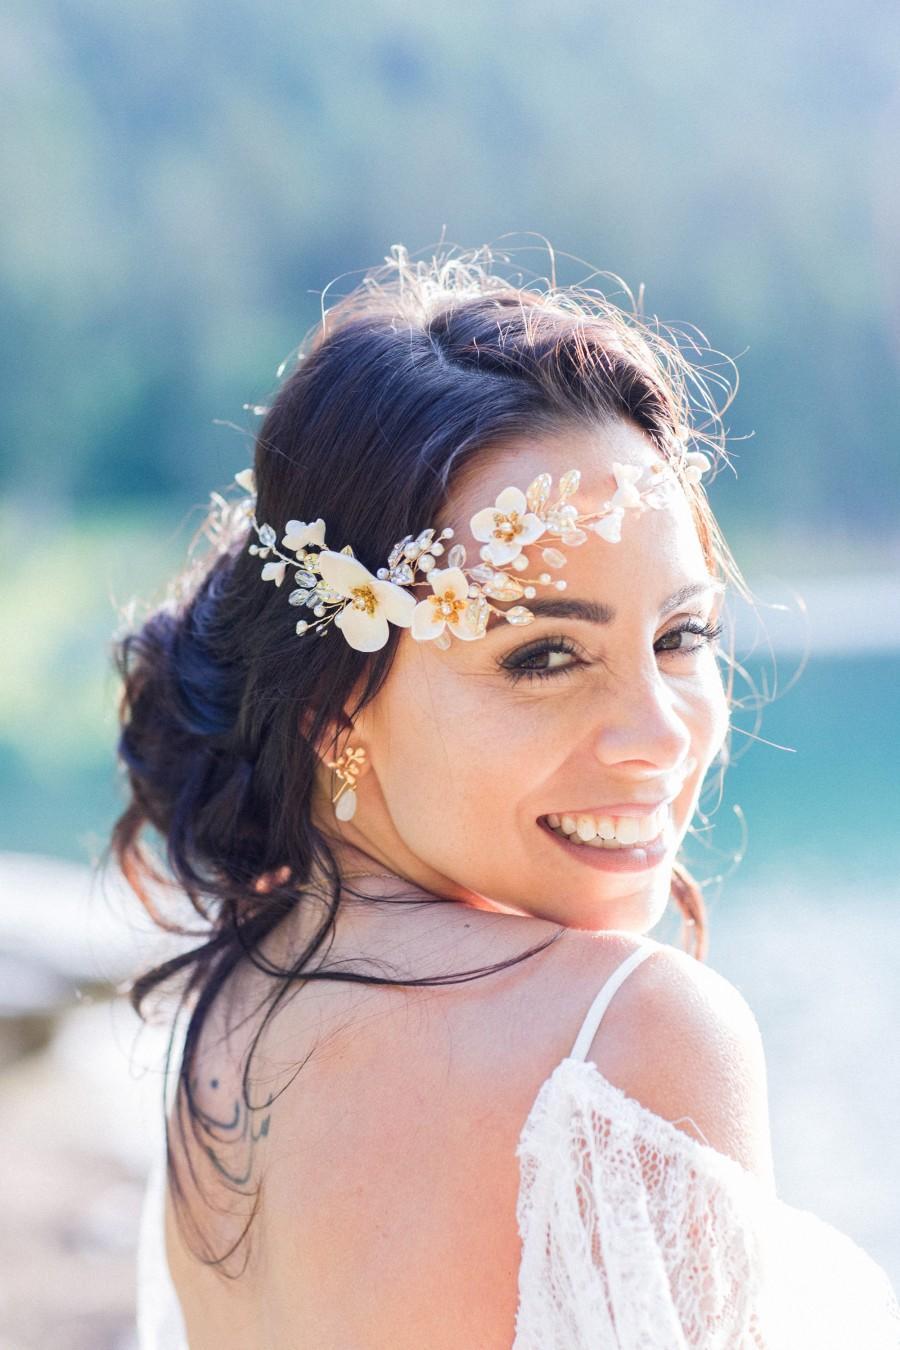 زفاف - Bridal Hair Piece, Flower Bridal Headband, Wedding Hair Vine, Bridal Tiara, Wedding Hair Wreath, Wedding Headpiece, Flower Tiara Gold-REGINA